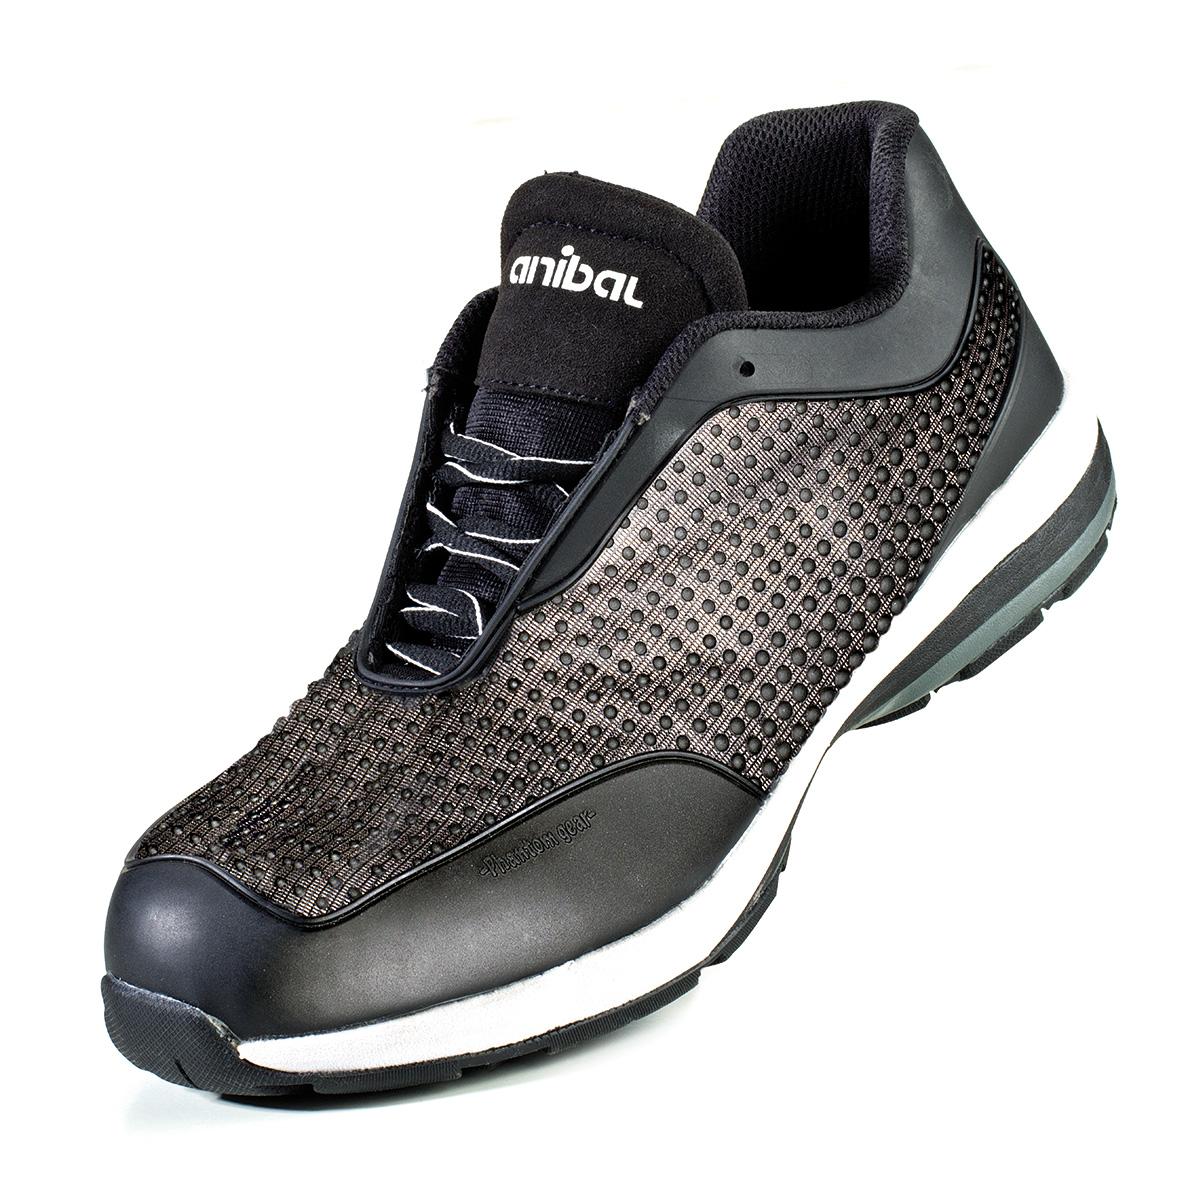 ffda2c7be19 | Productos | Calzado de Seguridad | Sporty Deportivos Metal Free | Ref.  1688-ZPH | Marca Protección Laboral